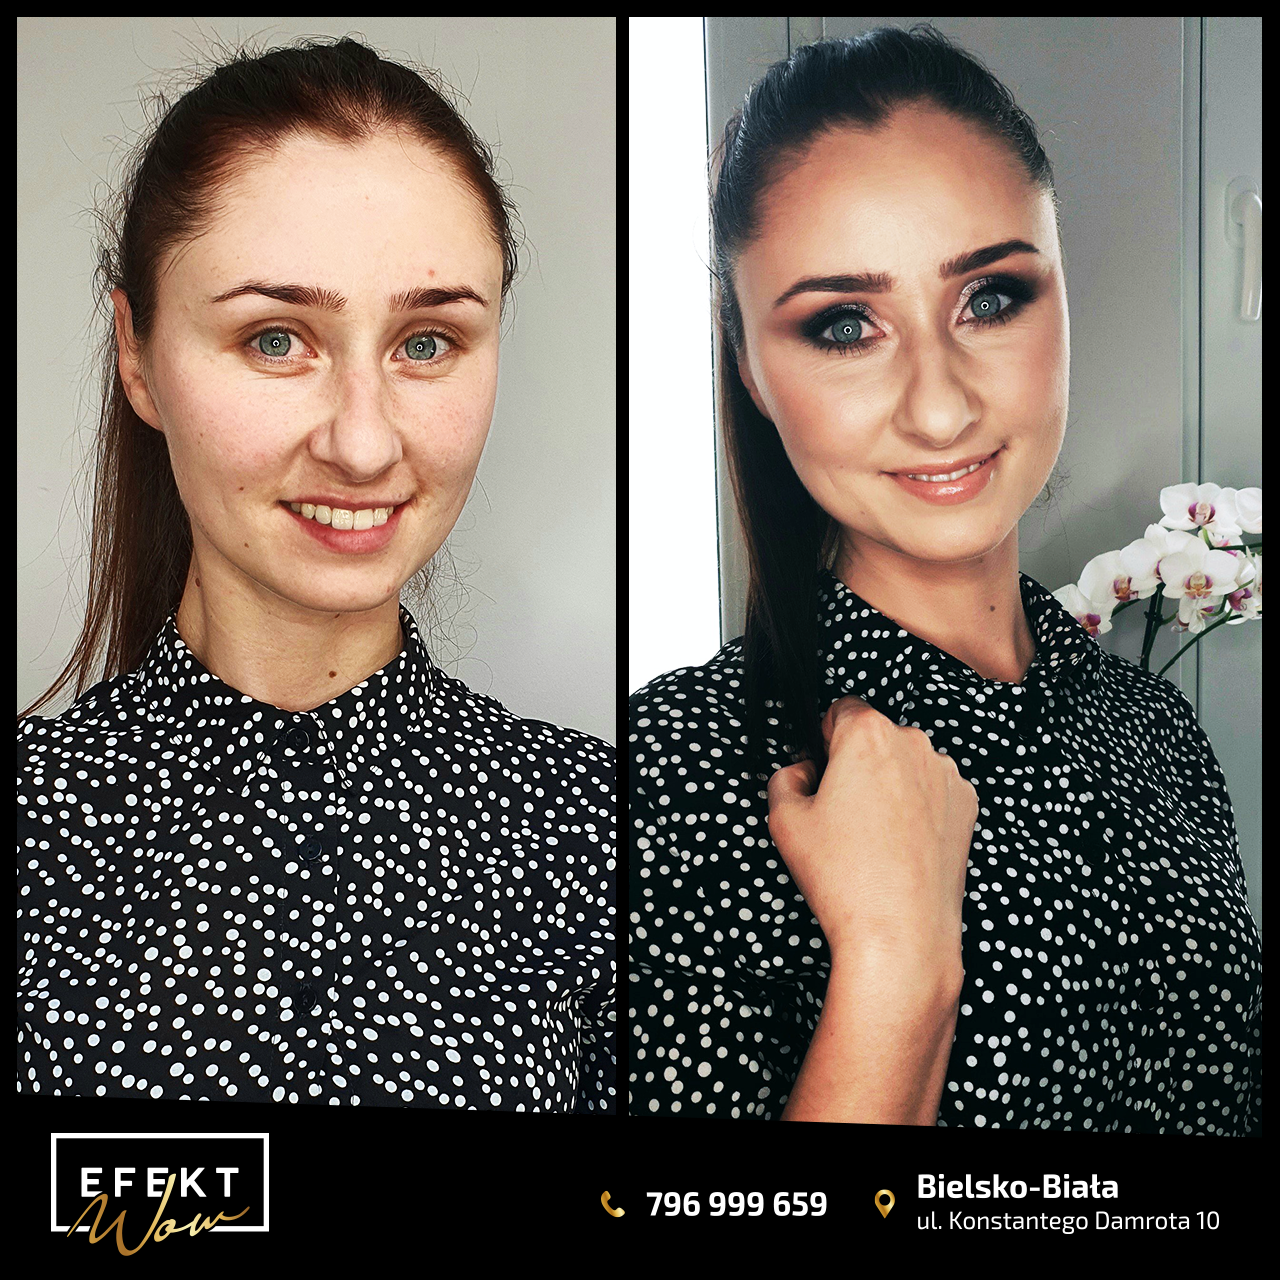 efekt_wow_bielsko_biala_salon_kosmetyczny_makijaże_makijaż_3